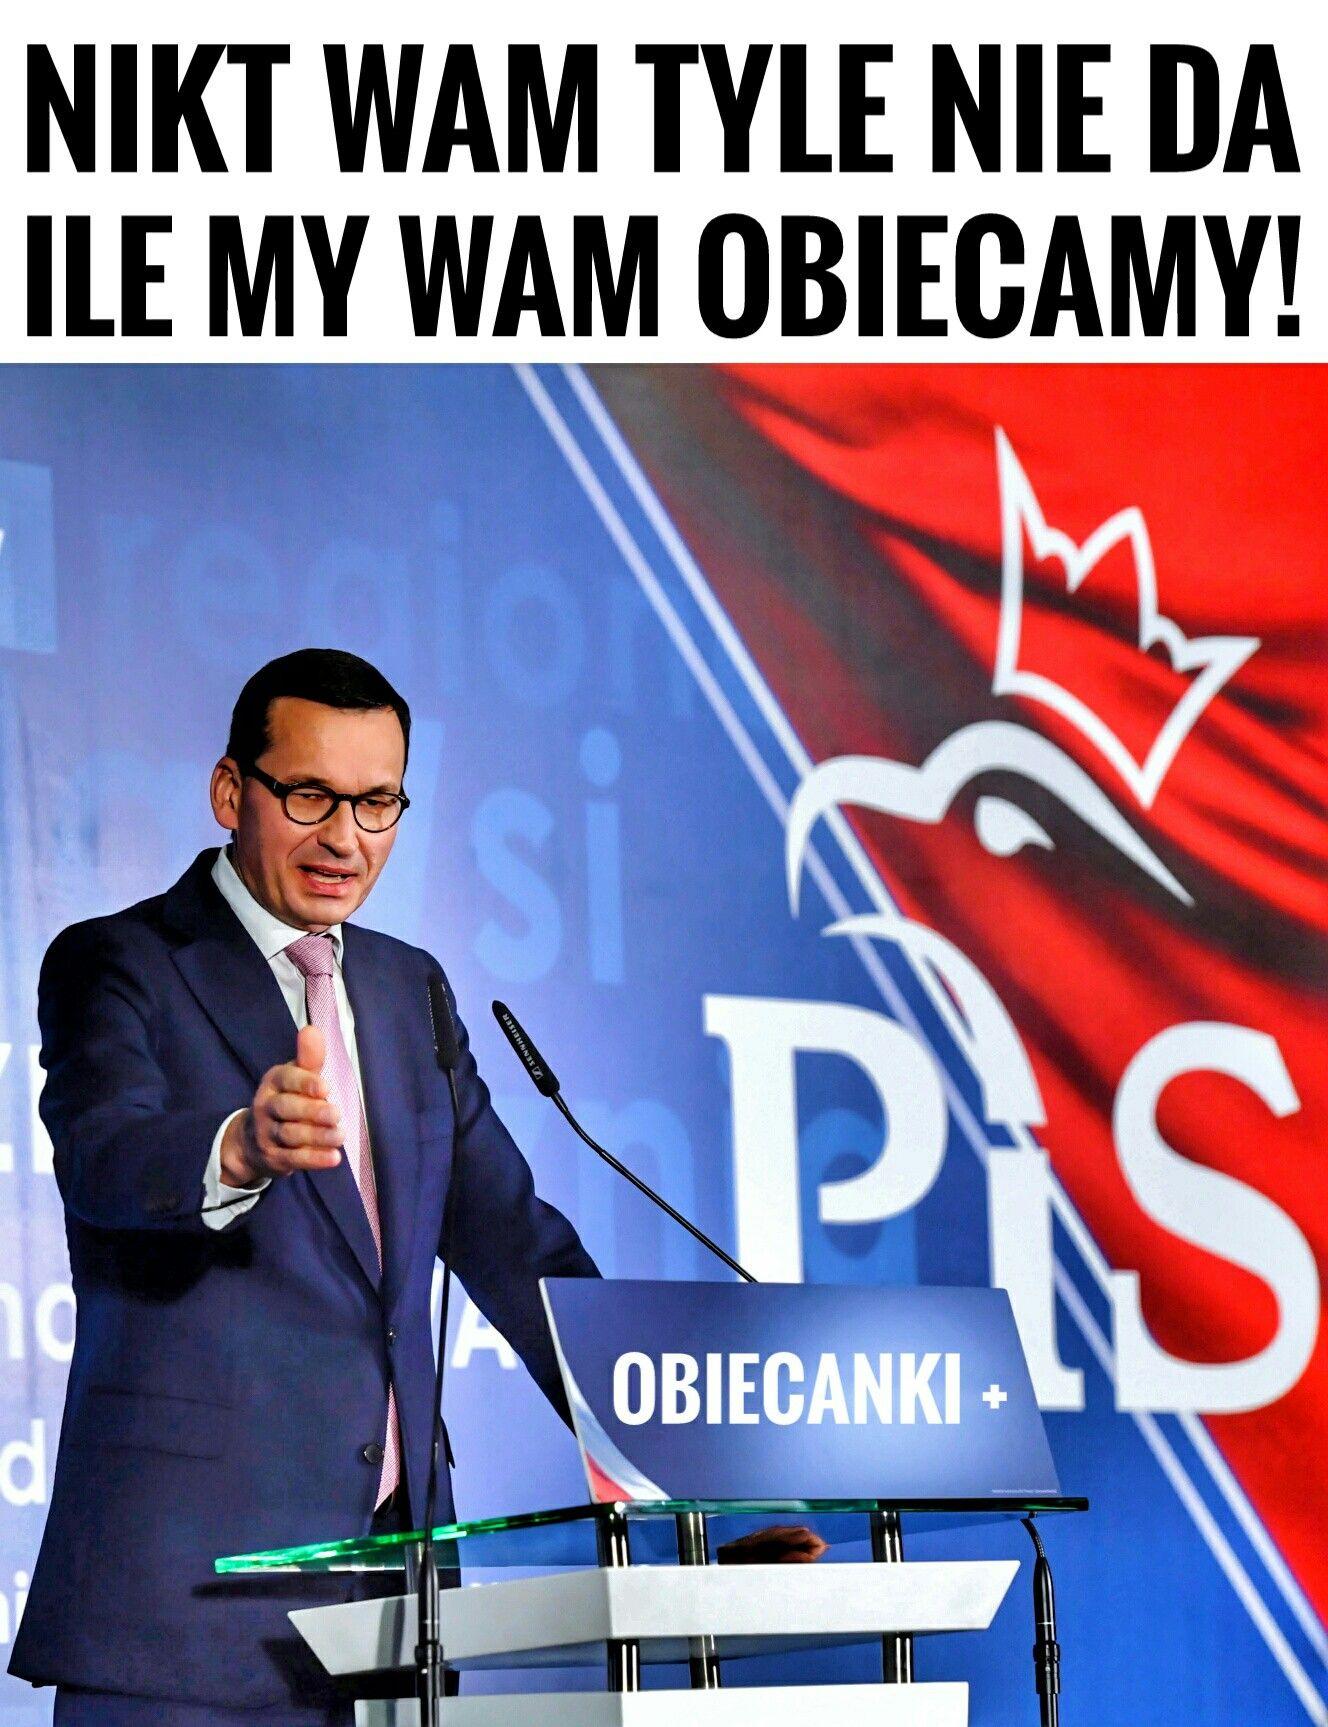 NIKT WAM TYLE NIE DA, ILE MY WAM OBIECAMY! #morawiecki #pis #premier  #wstajemyzkolan #dobrazmiana #humor #Polska | Humor, Funny, Memes